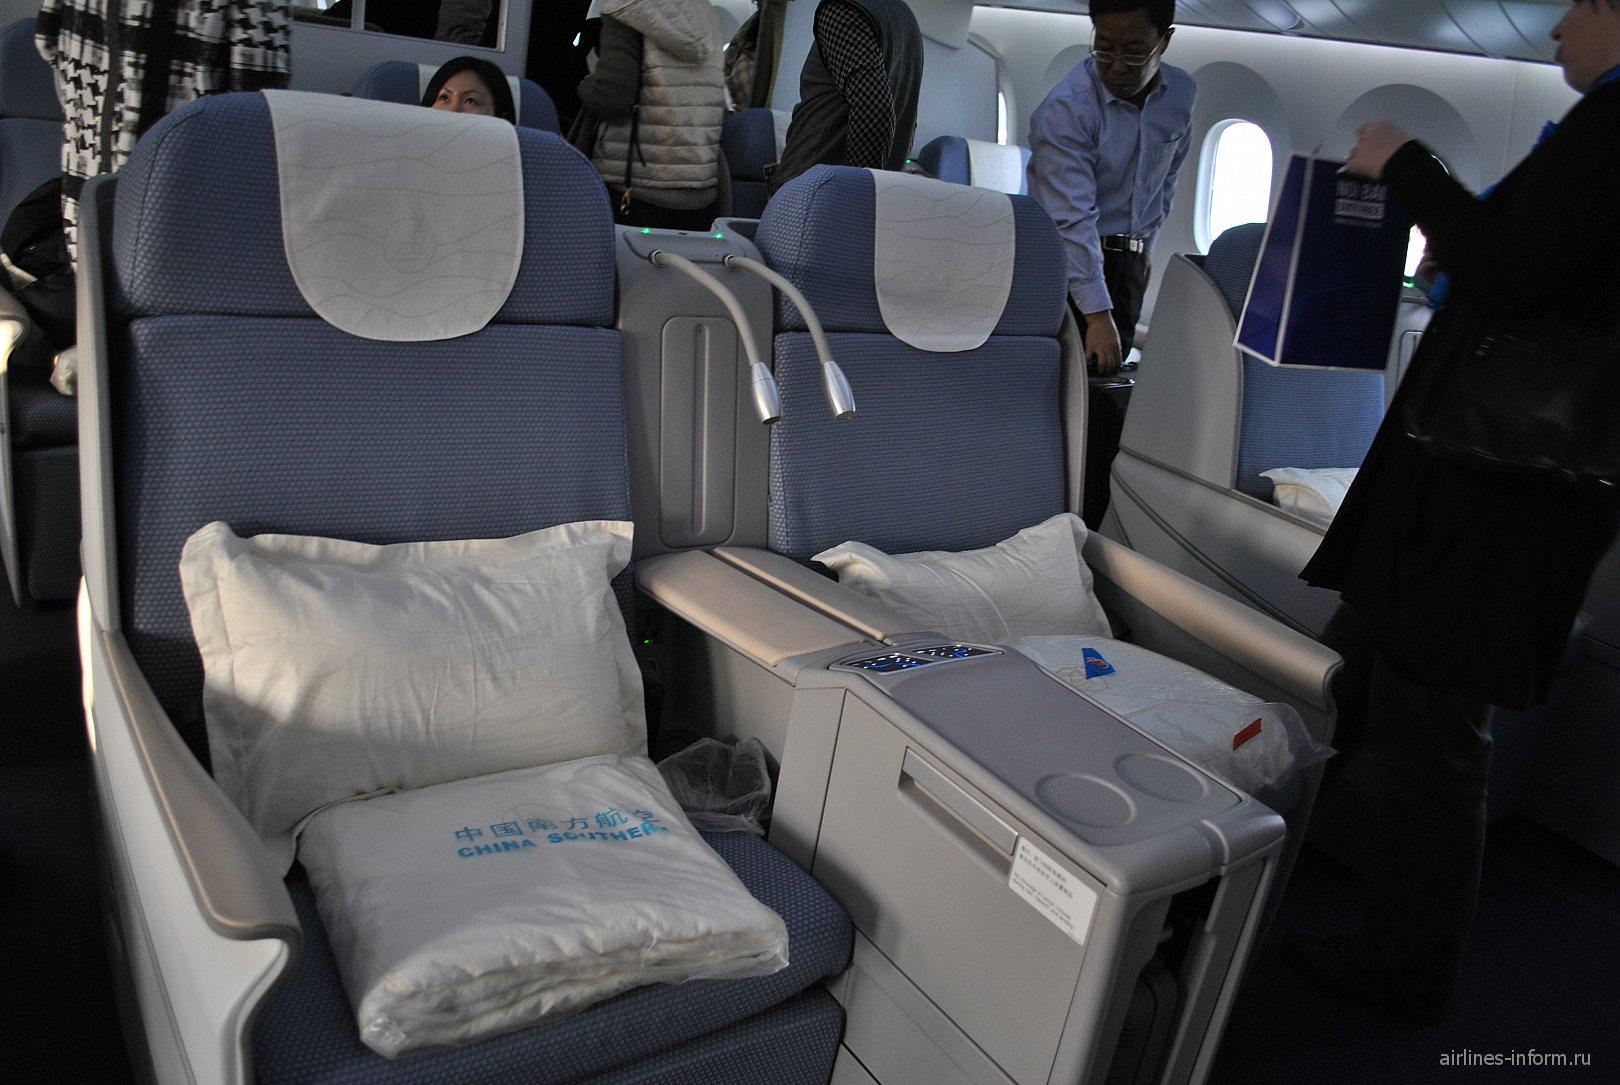 Бизнес-класс в самолете Боинг-787-8 авиакомпании China Southern Airlines